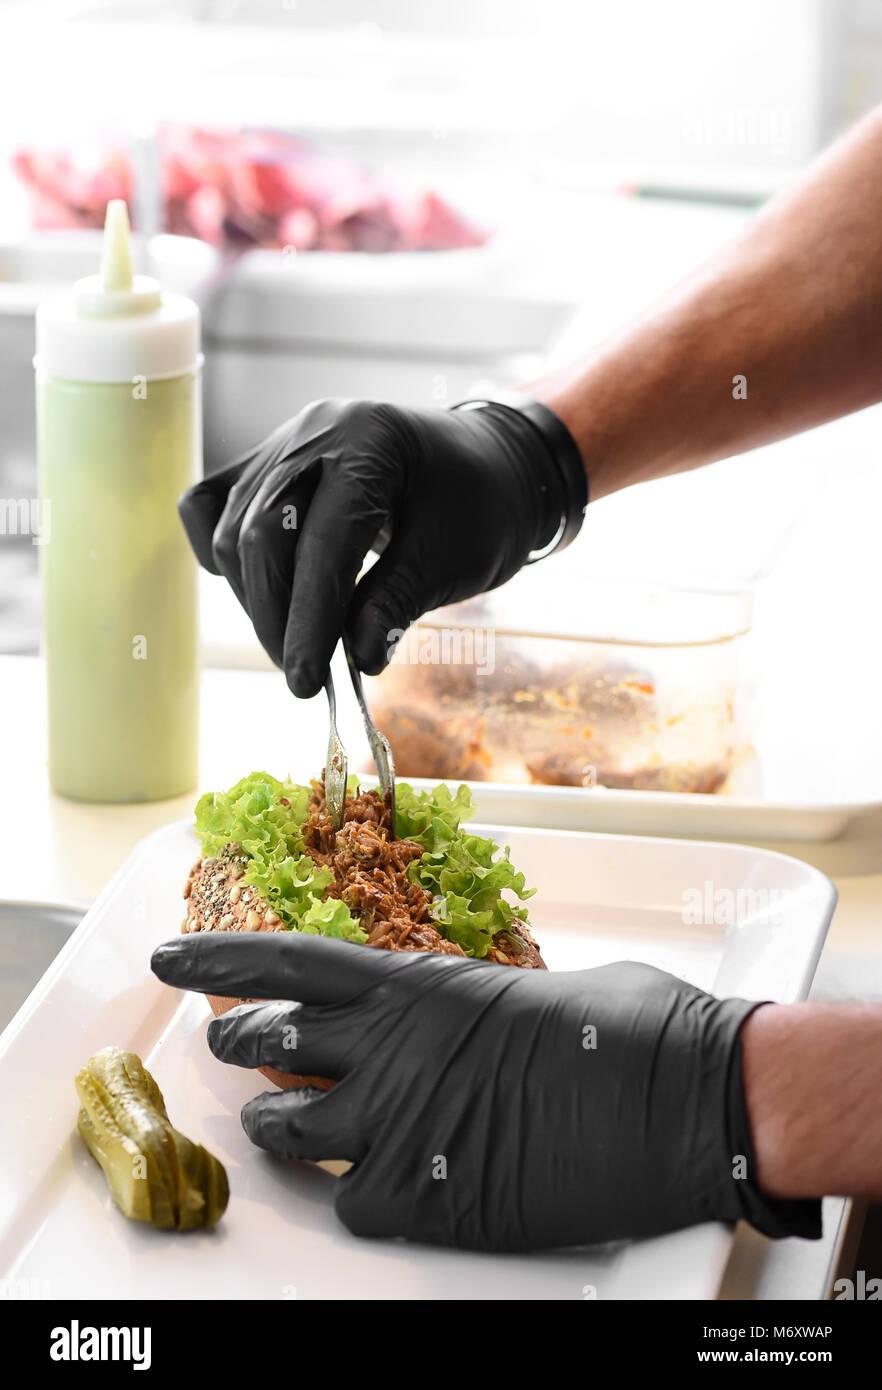 El chef prepara un sandwich de carne de cerdo en un sano spooning integrales rollo la tierna carne desmenuzada en Imagen De Stock